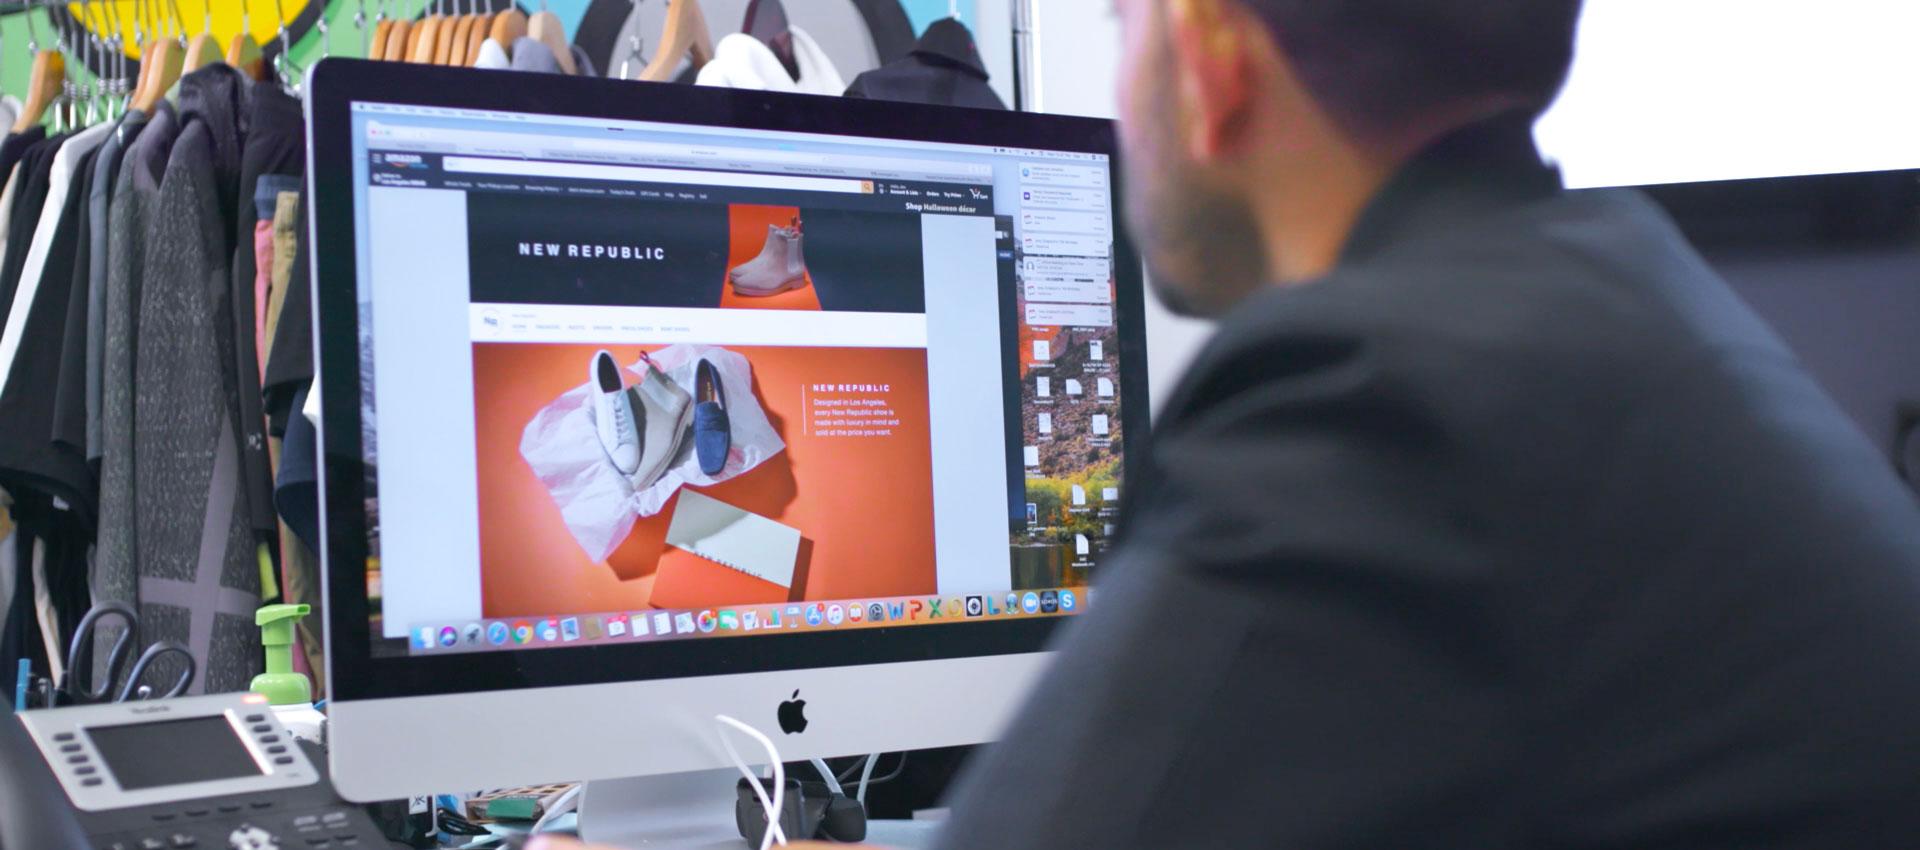 Ein Mann blickt auf einen Computerbildschirm, auf dem ein Online-Shop bei Amazon für die Modemarke New Republic angezeigt wird.